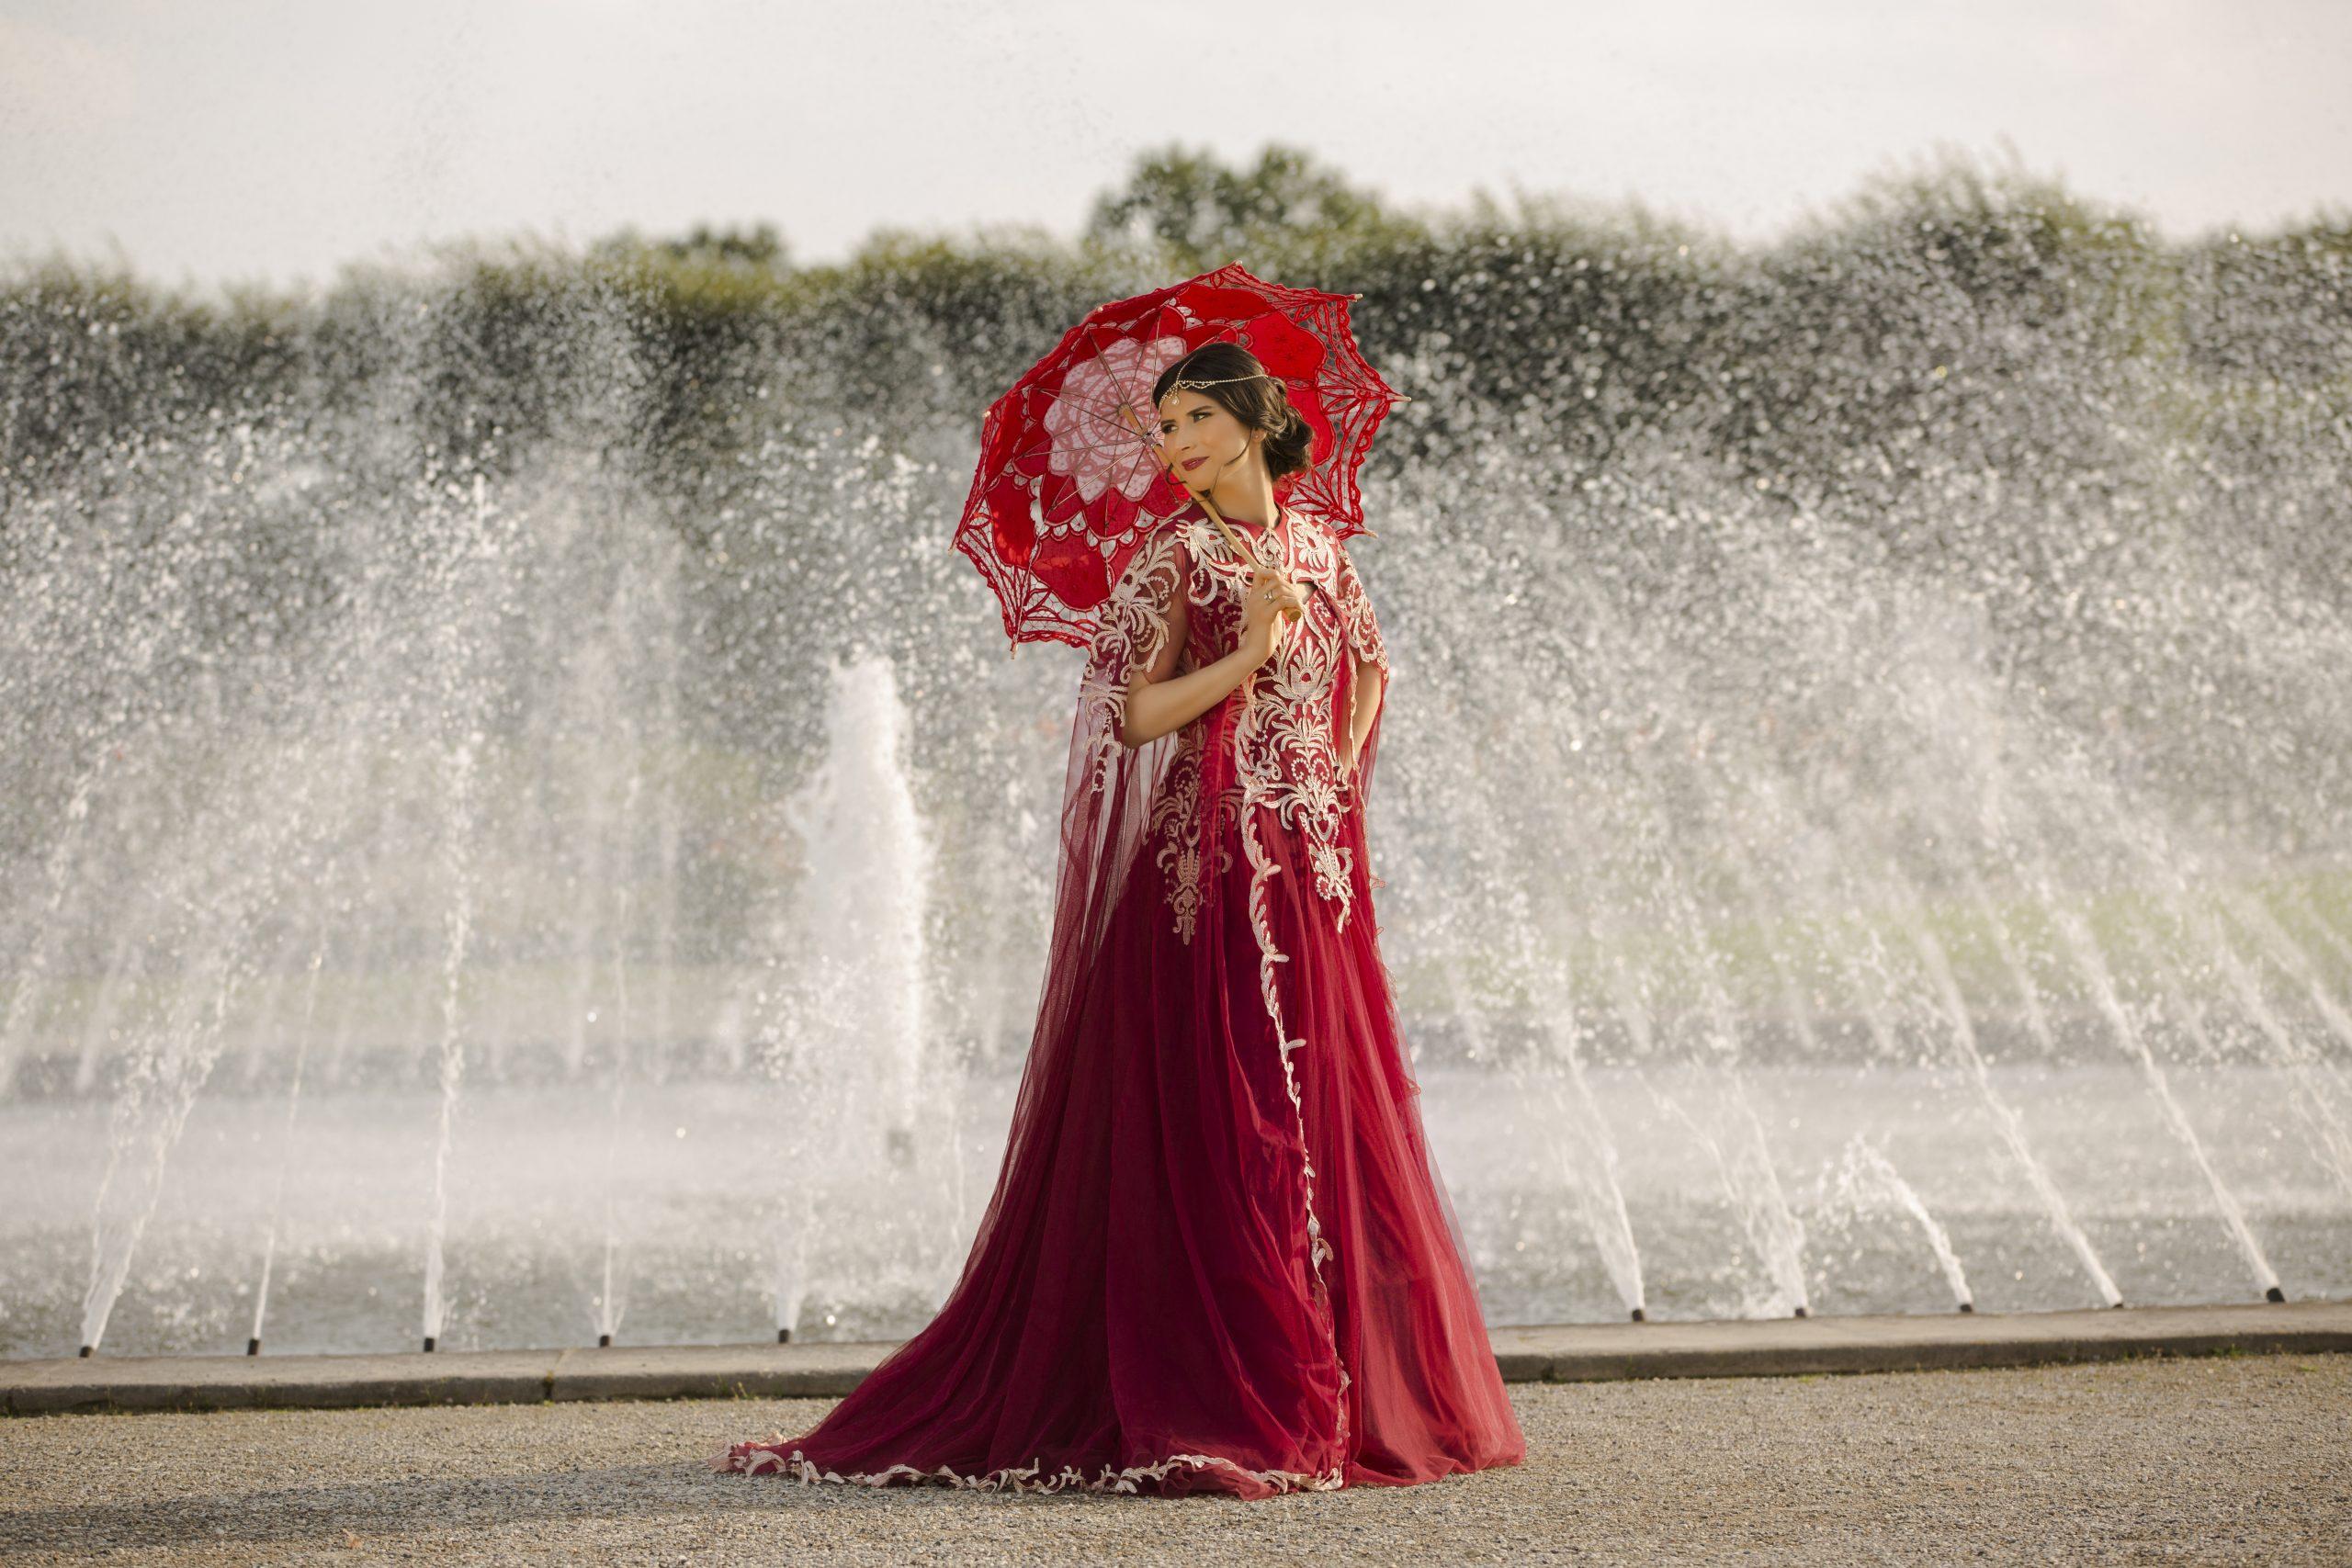 13 Schön Kleid Für Henna Abend Stylish10 Perfekt Kleid Für Henna Abend Design